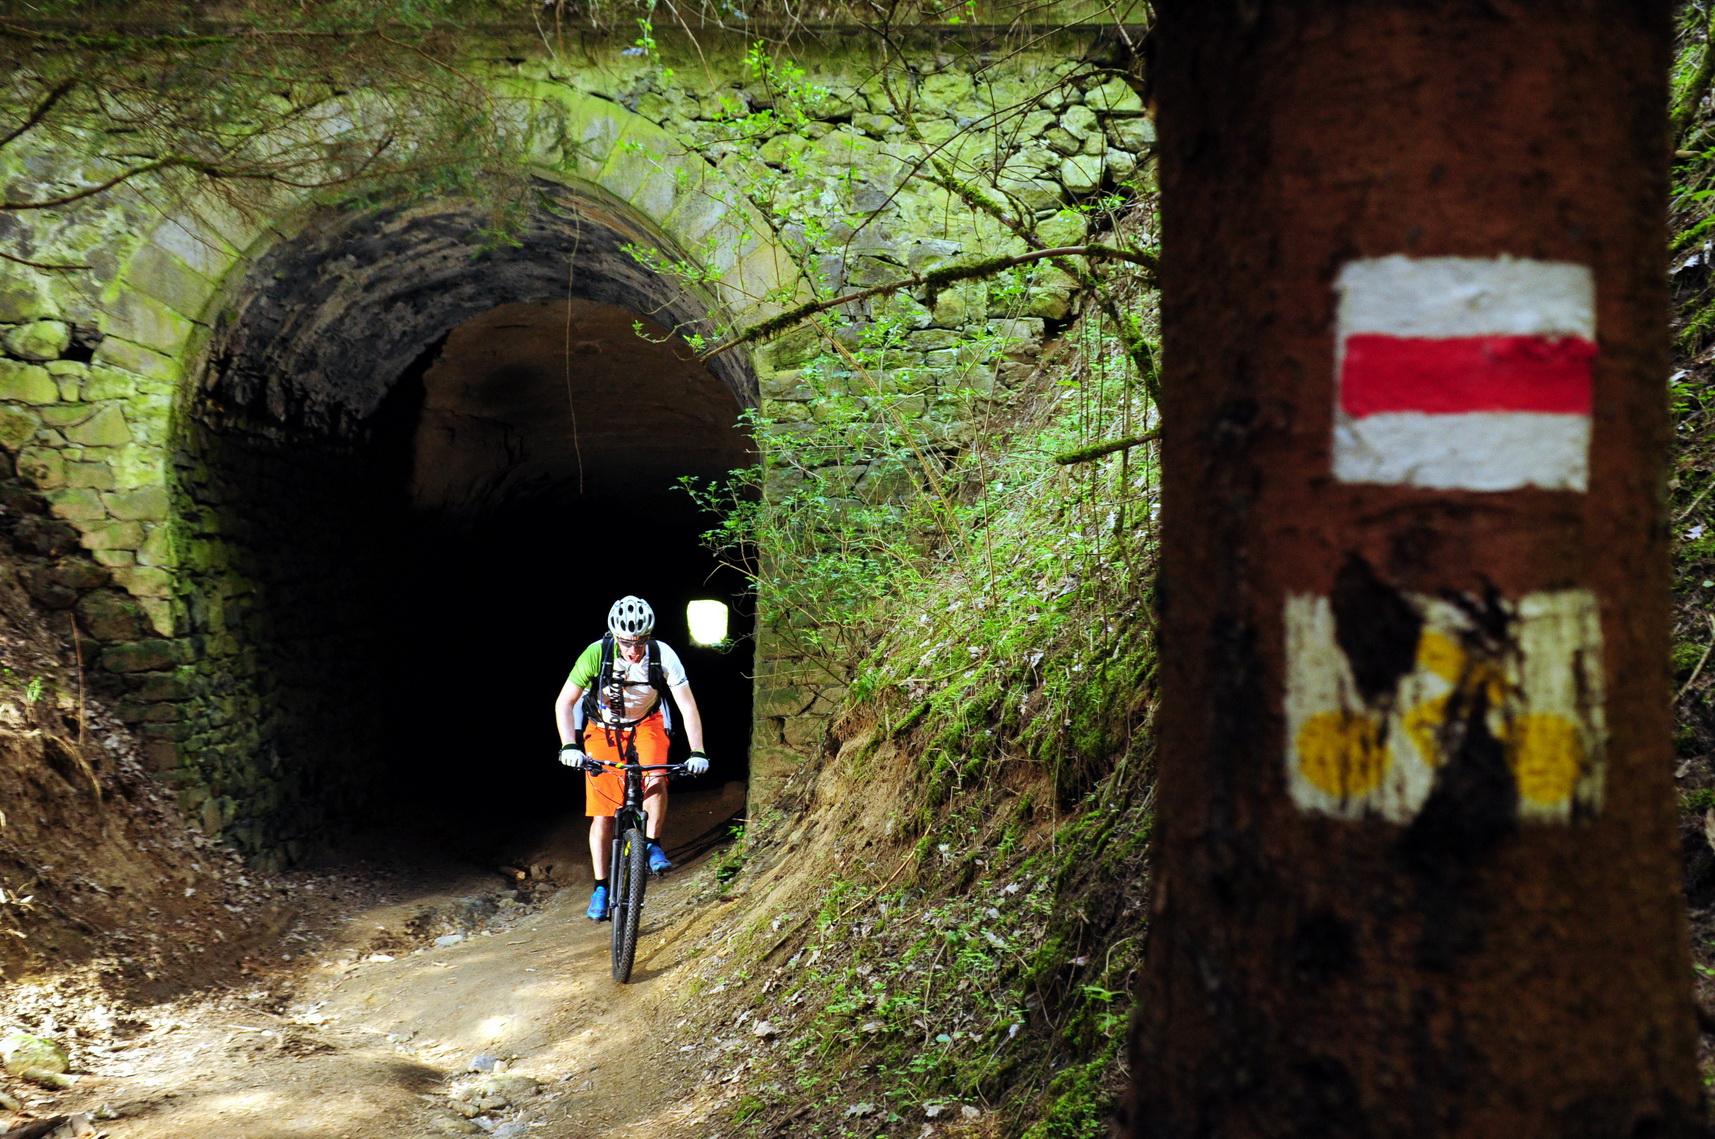 Izgalmas kezdés - a régi keskeny nyomtávú vasút alagúton át ForrĂĄs: Paraferee